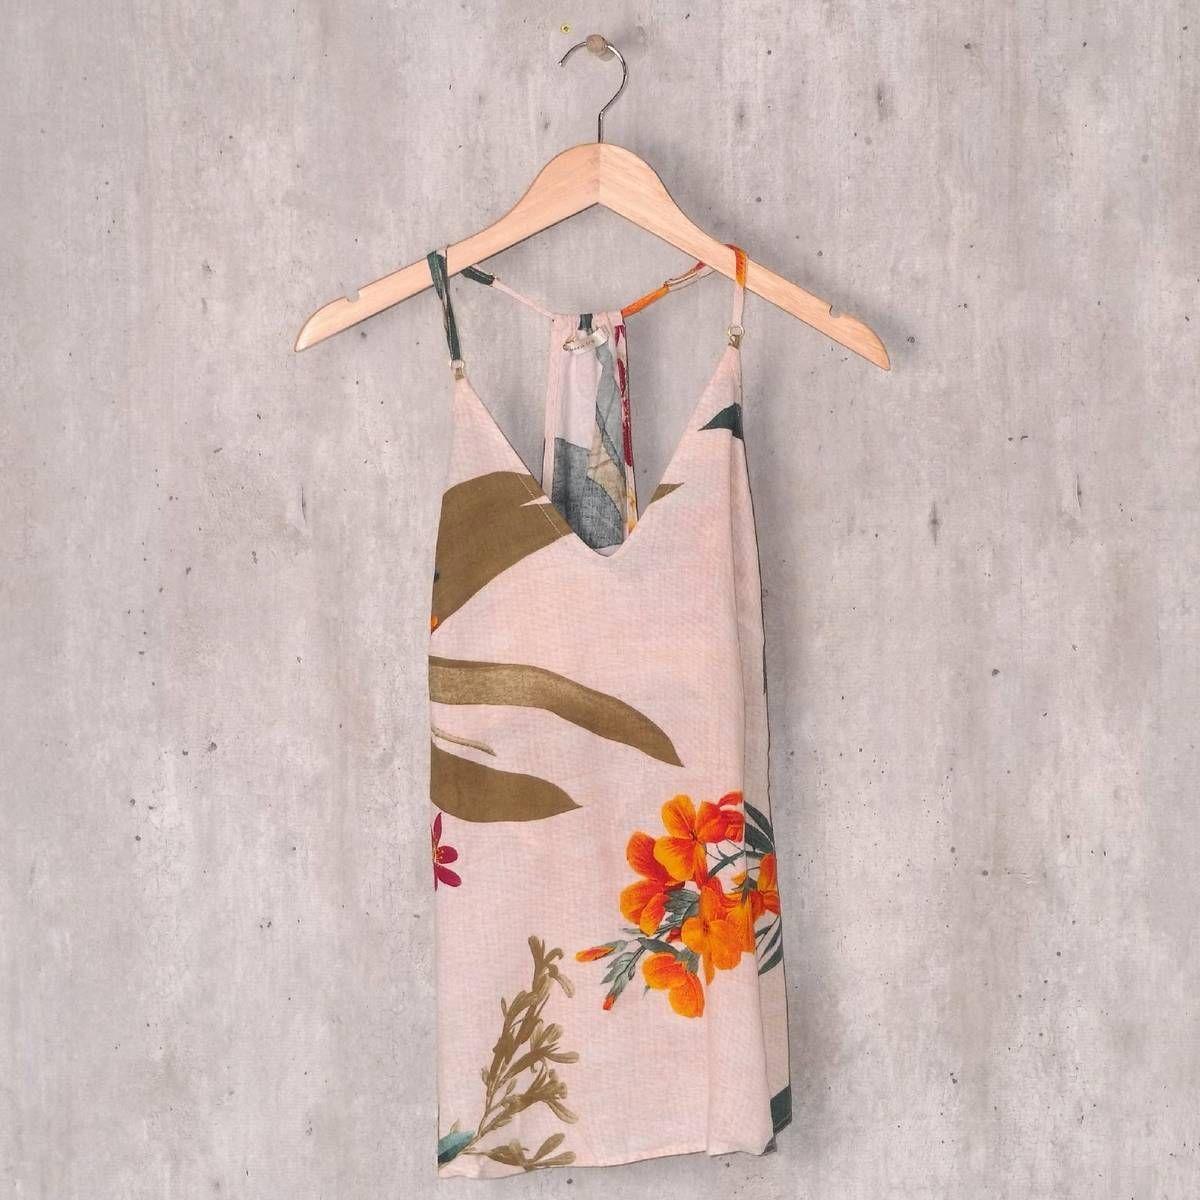 blusa floral maria filó - blusas maria filó